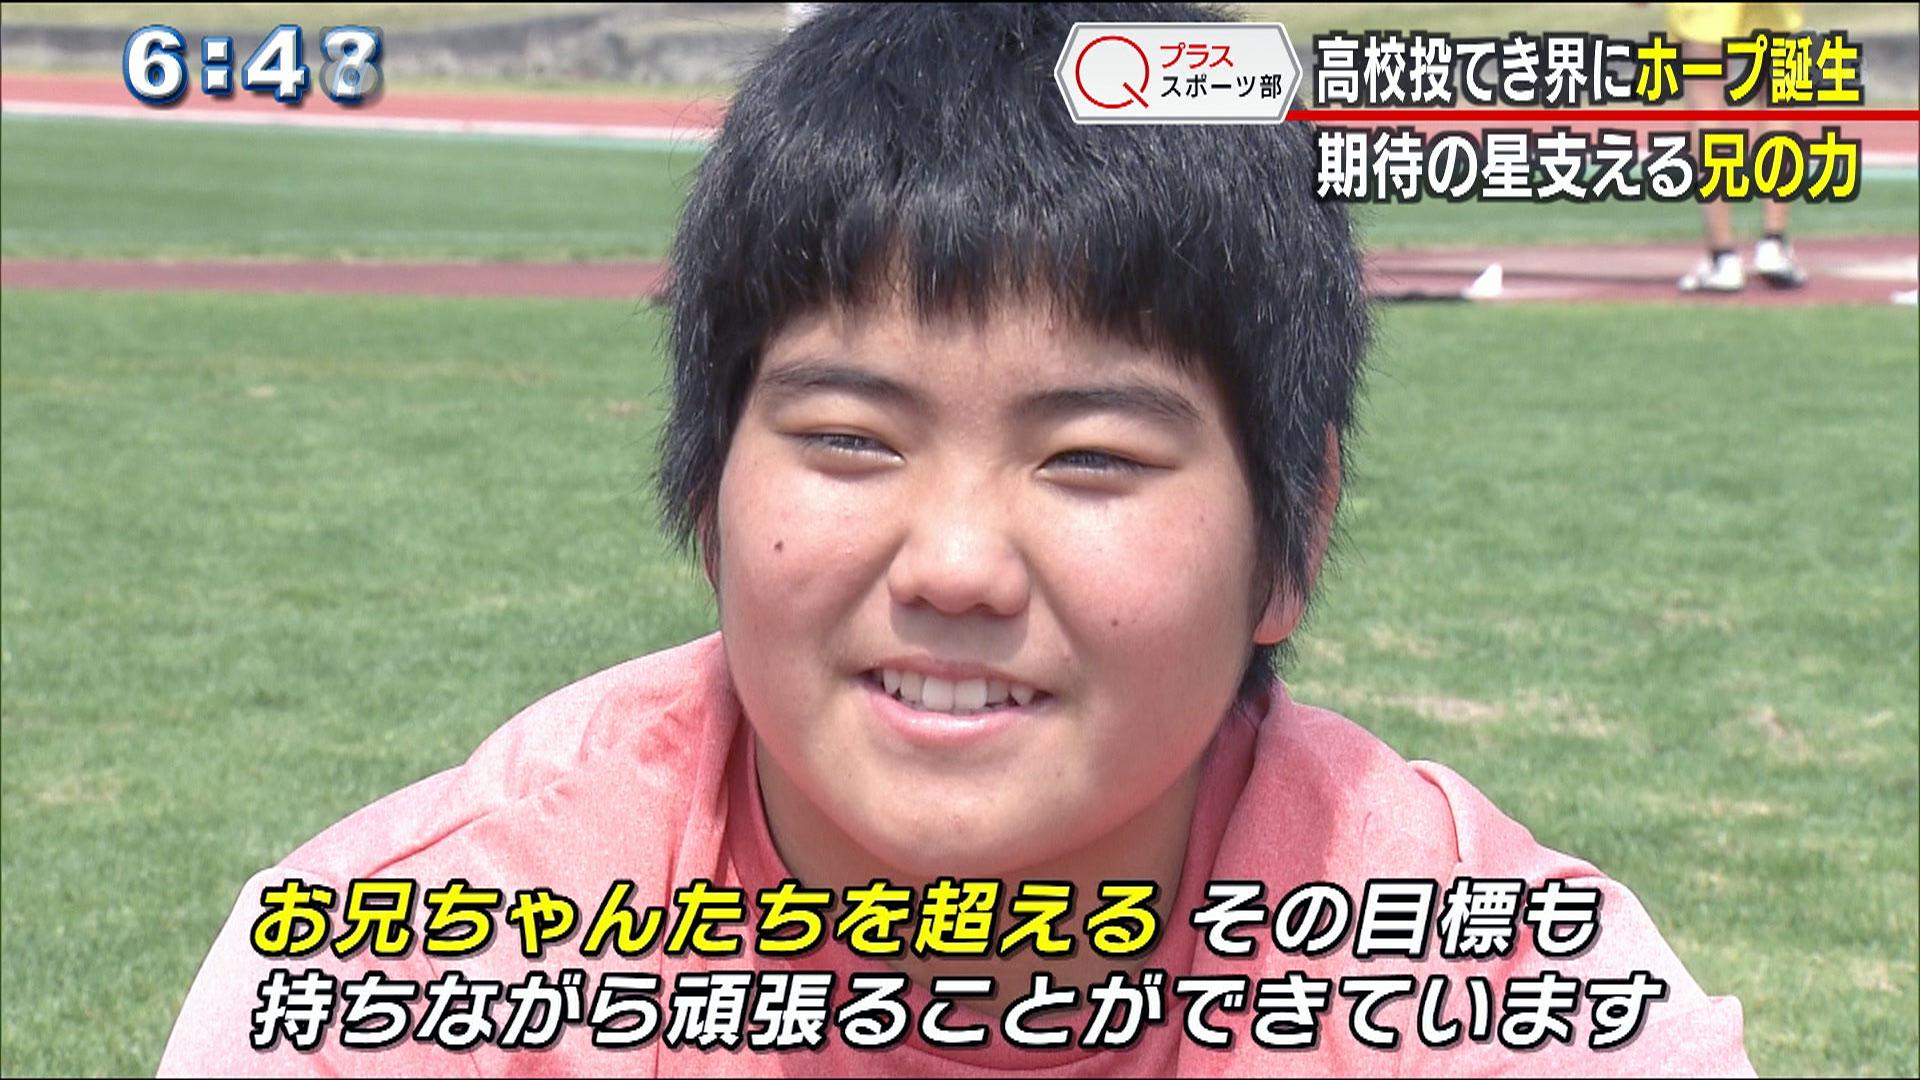 投てき界期待の星友利晟弓さん